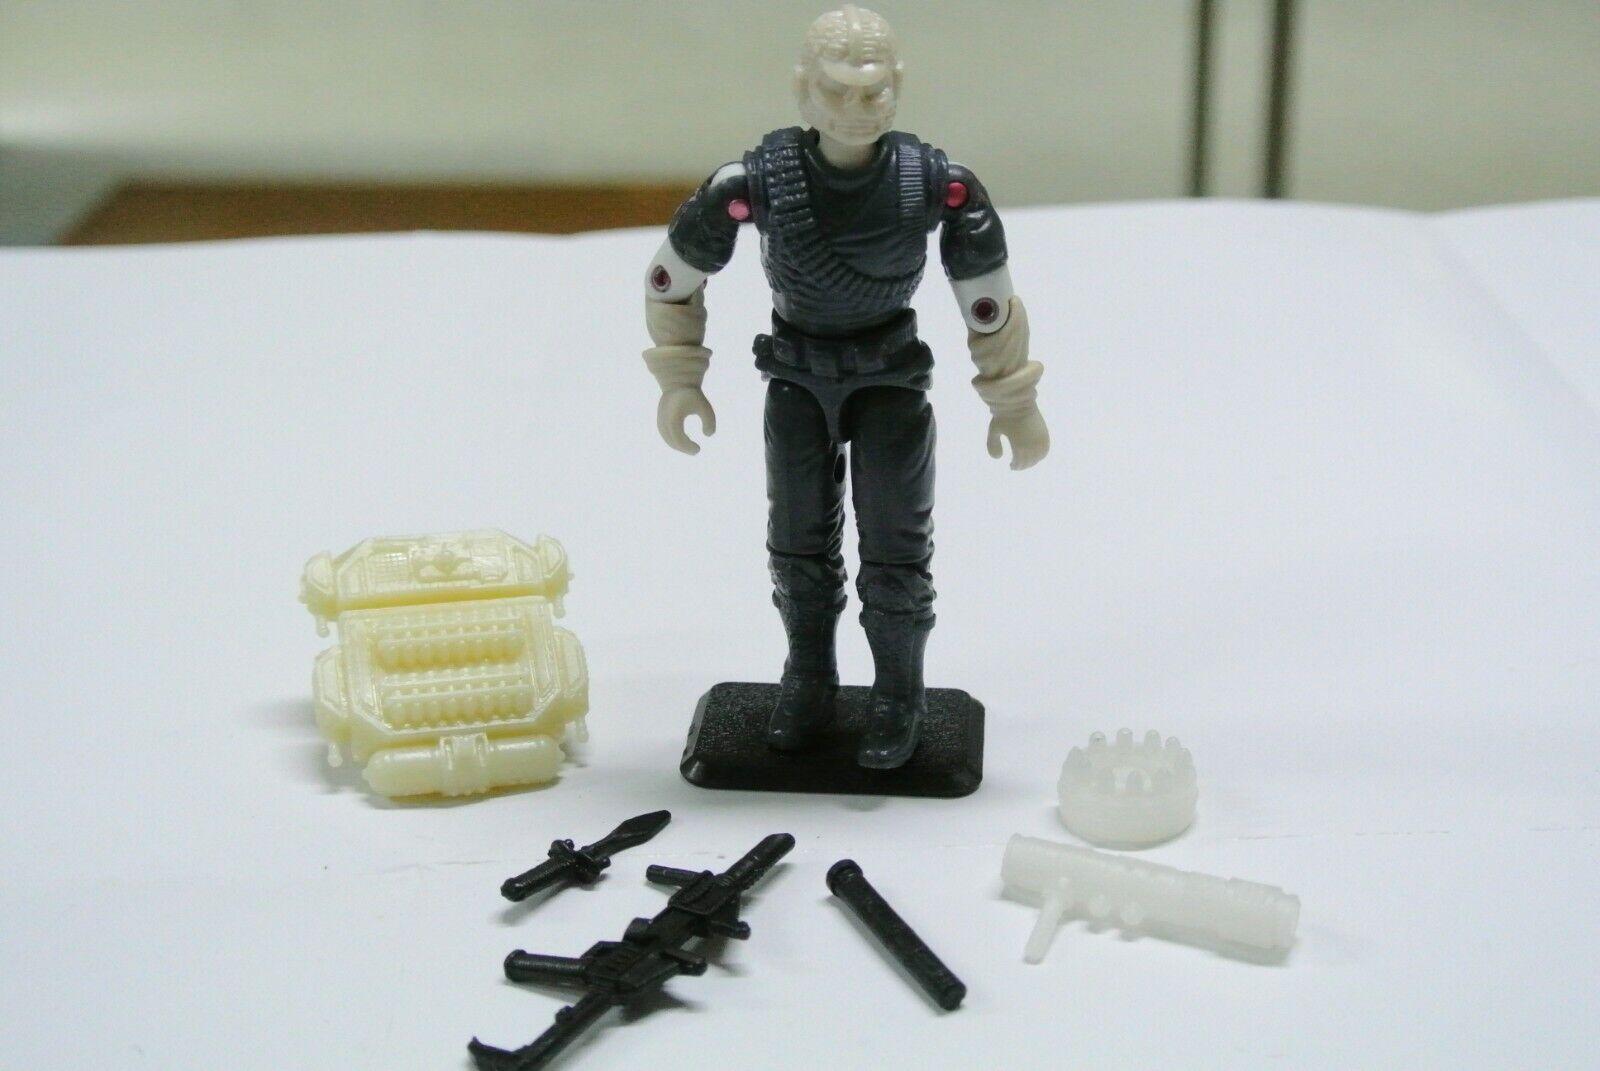 1990 Hasbro Gi Joe Gama Viper Figura De Muestra De Fábrica projootipo de prueba de disparo